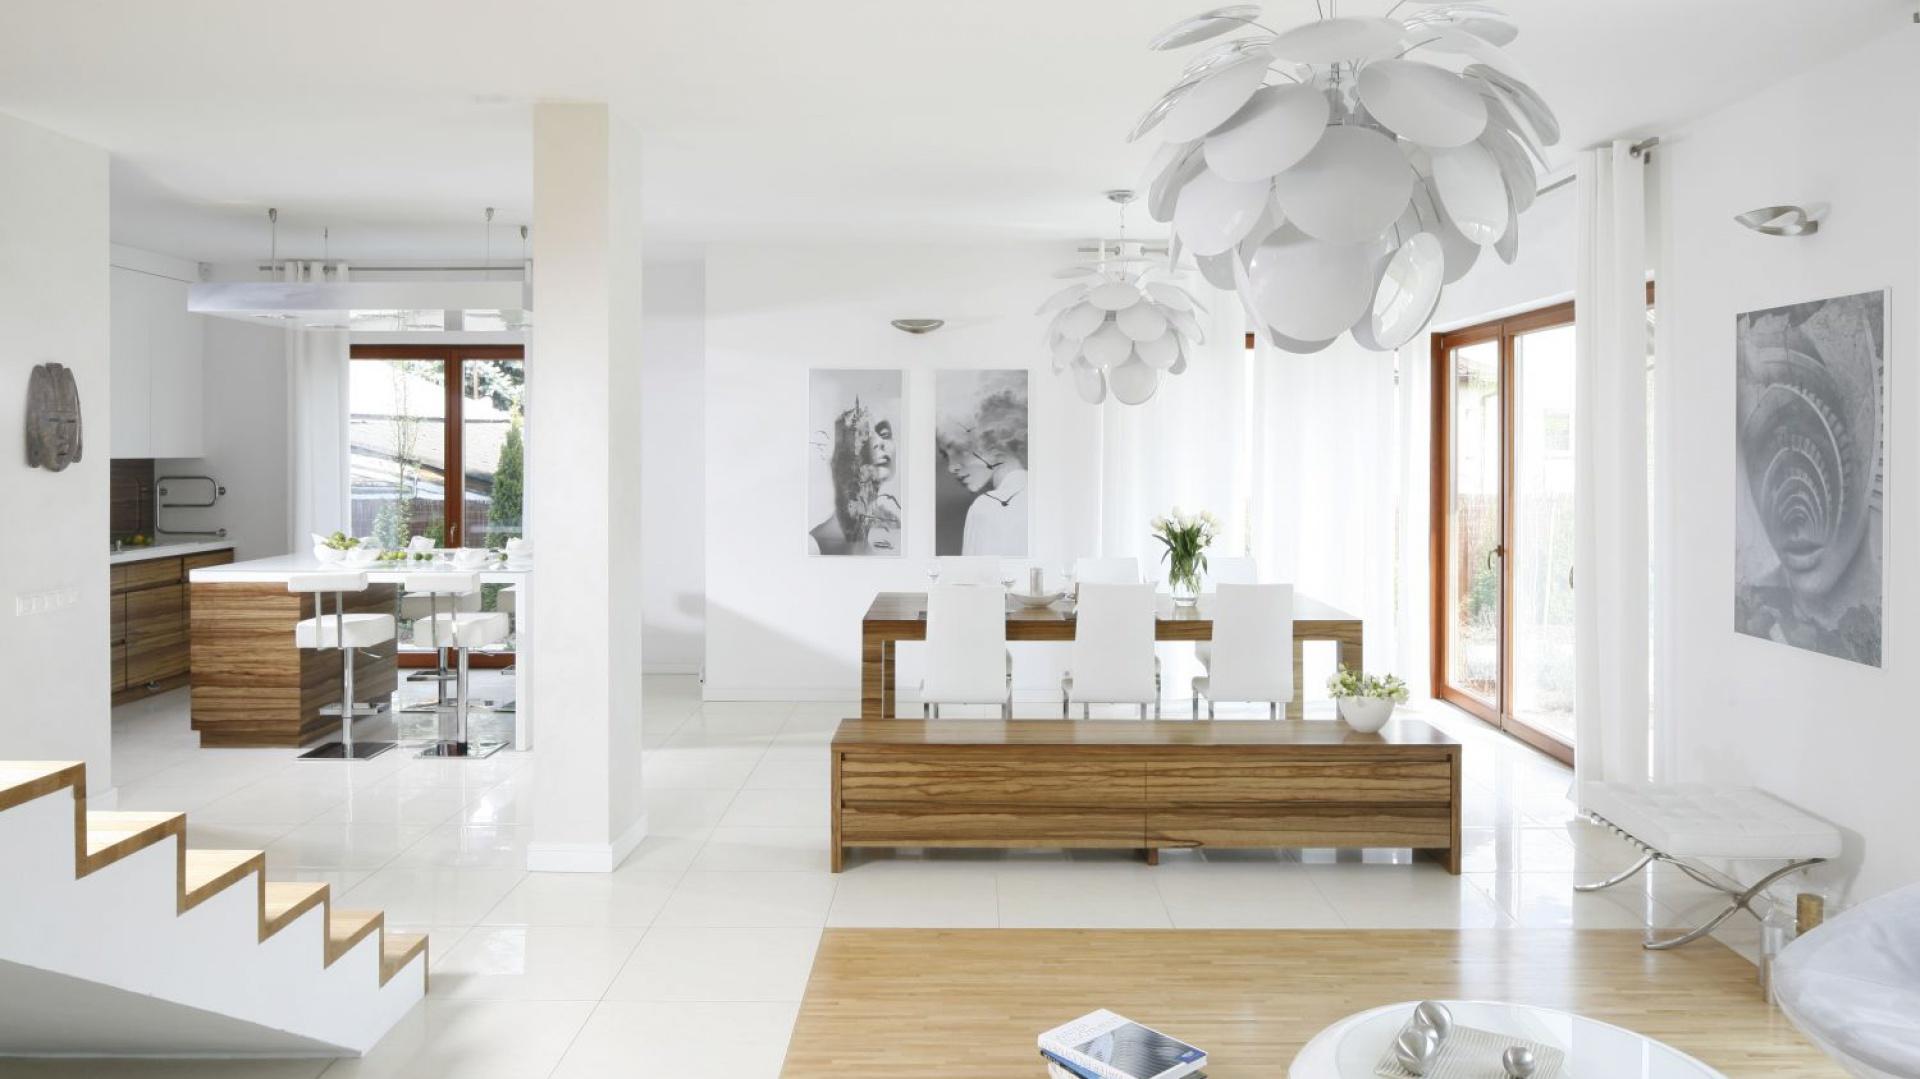 Elegancką jadalnię urządzono między kuchnią a salonem. Drewniany stół uzupełniają białe krzesła. Projekt: Agnieszka Ludwinowska. Fot. Bartosz Jarosz.